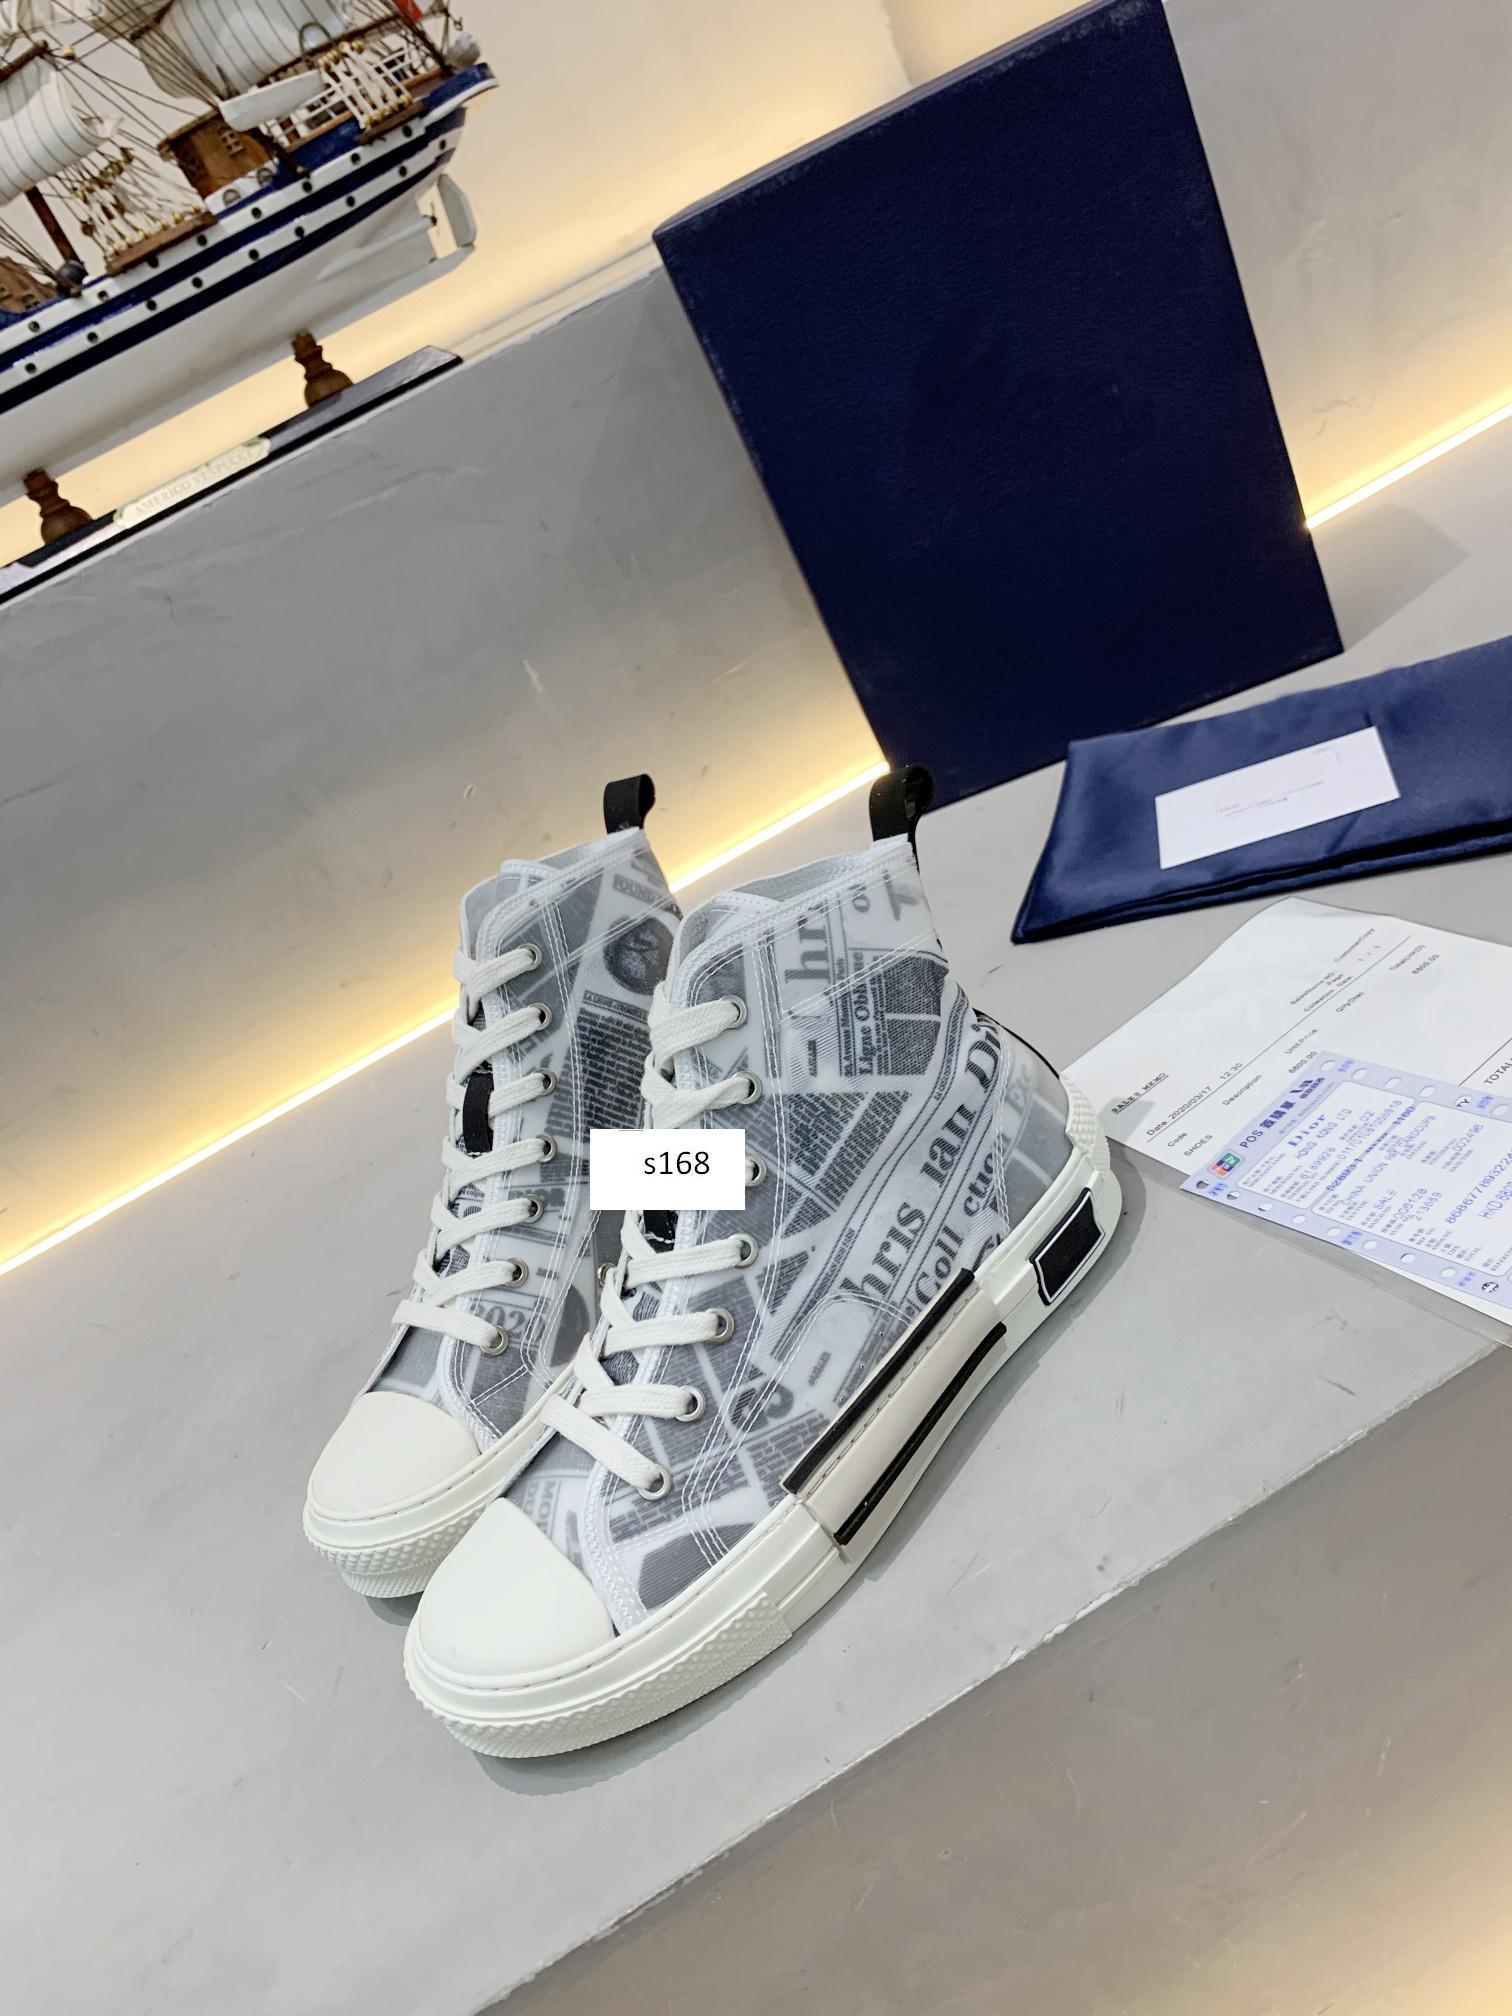 MEILLEUR QUALITYFlowers technique toile B23 B24 haut Baskets montantes dans Oblique Hommes B23 Designer Chaussures pour hommes et femmes taille Sneakers Mode 43